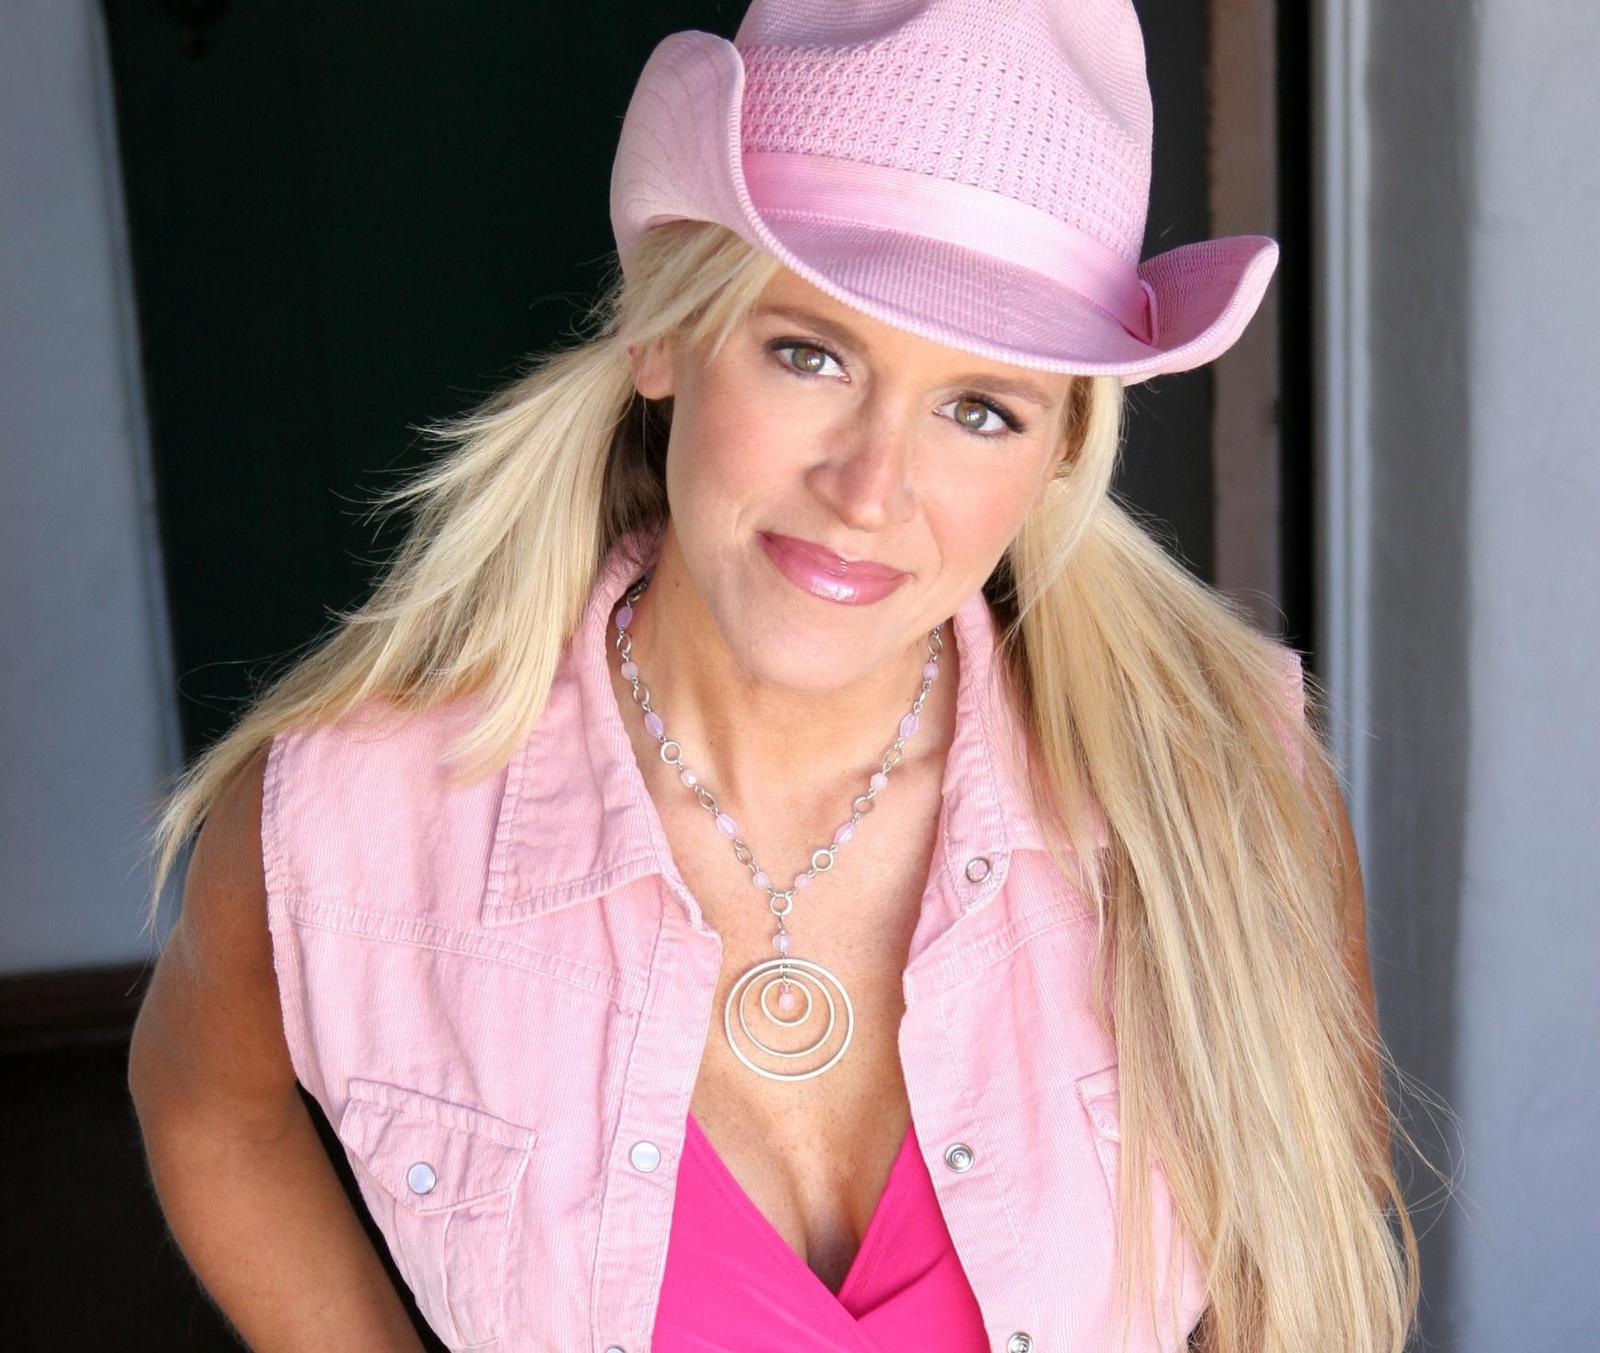 Paige Hemmis